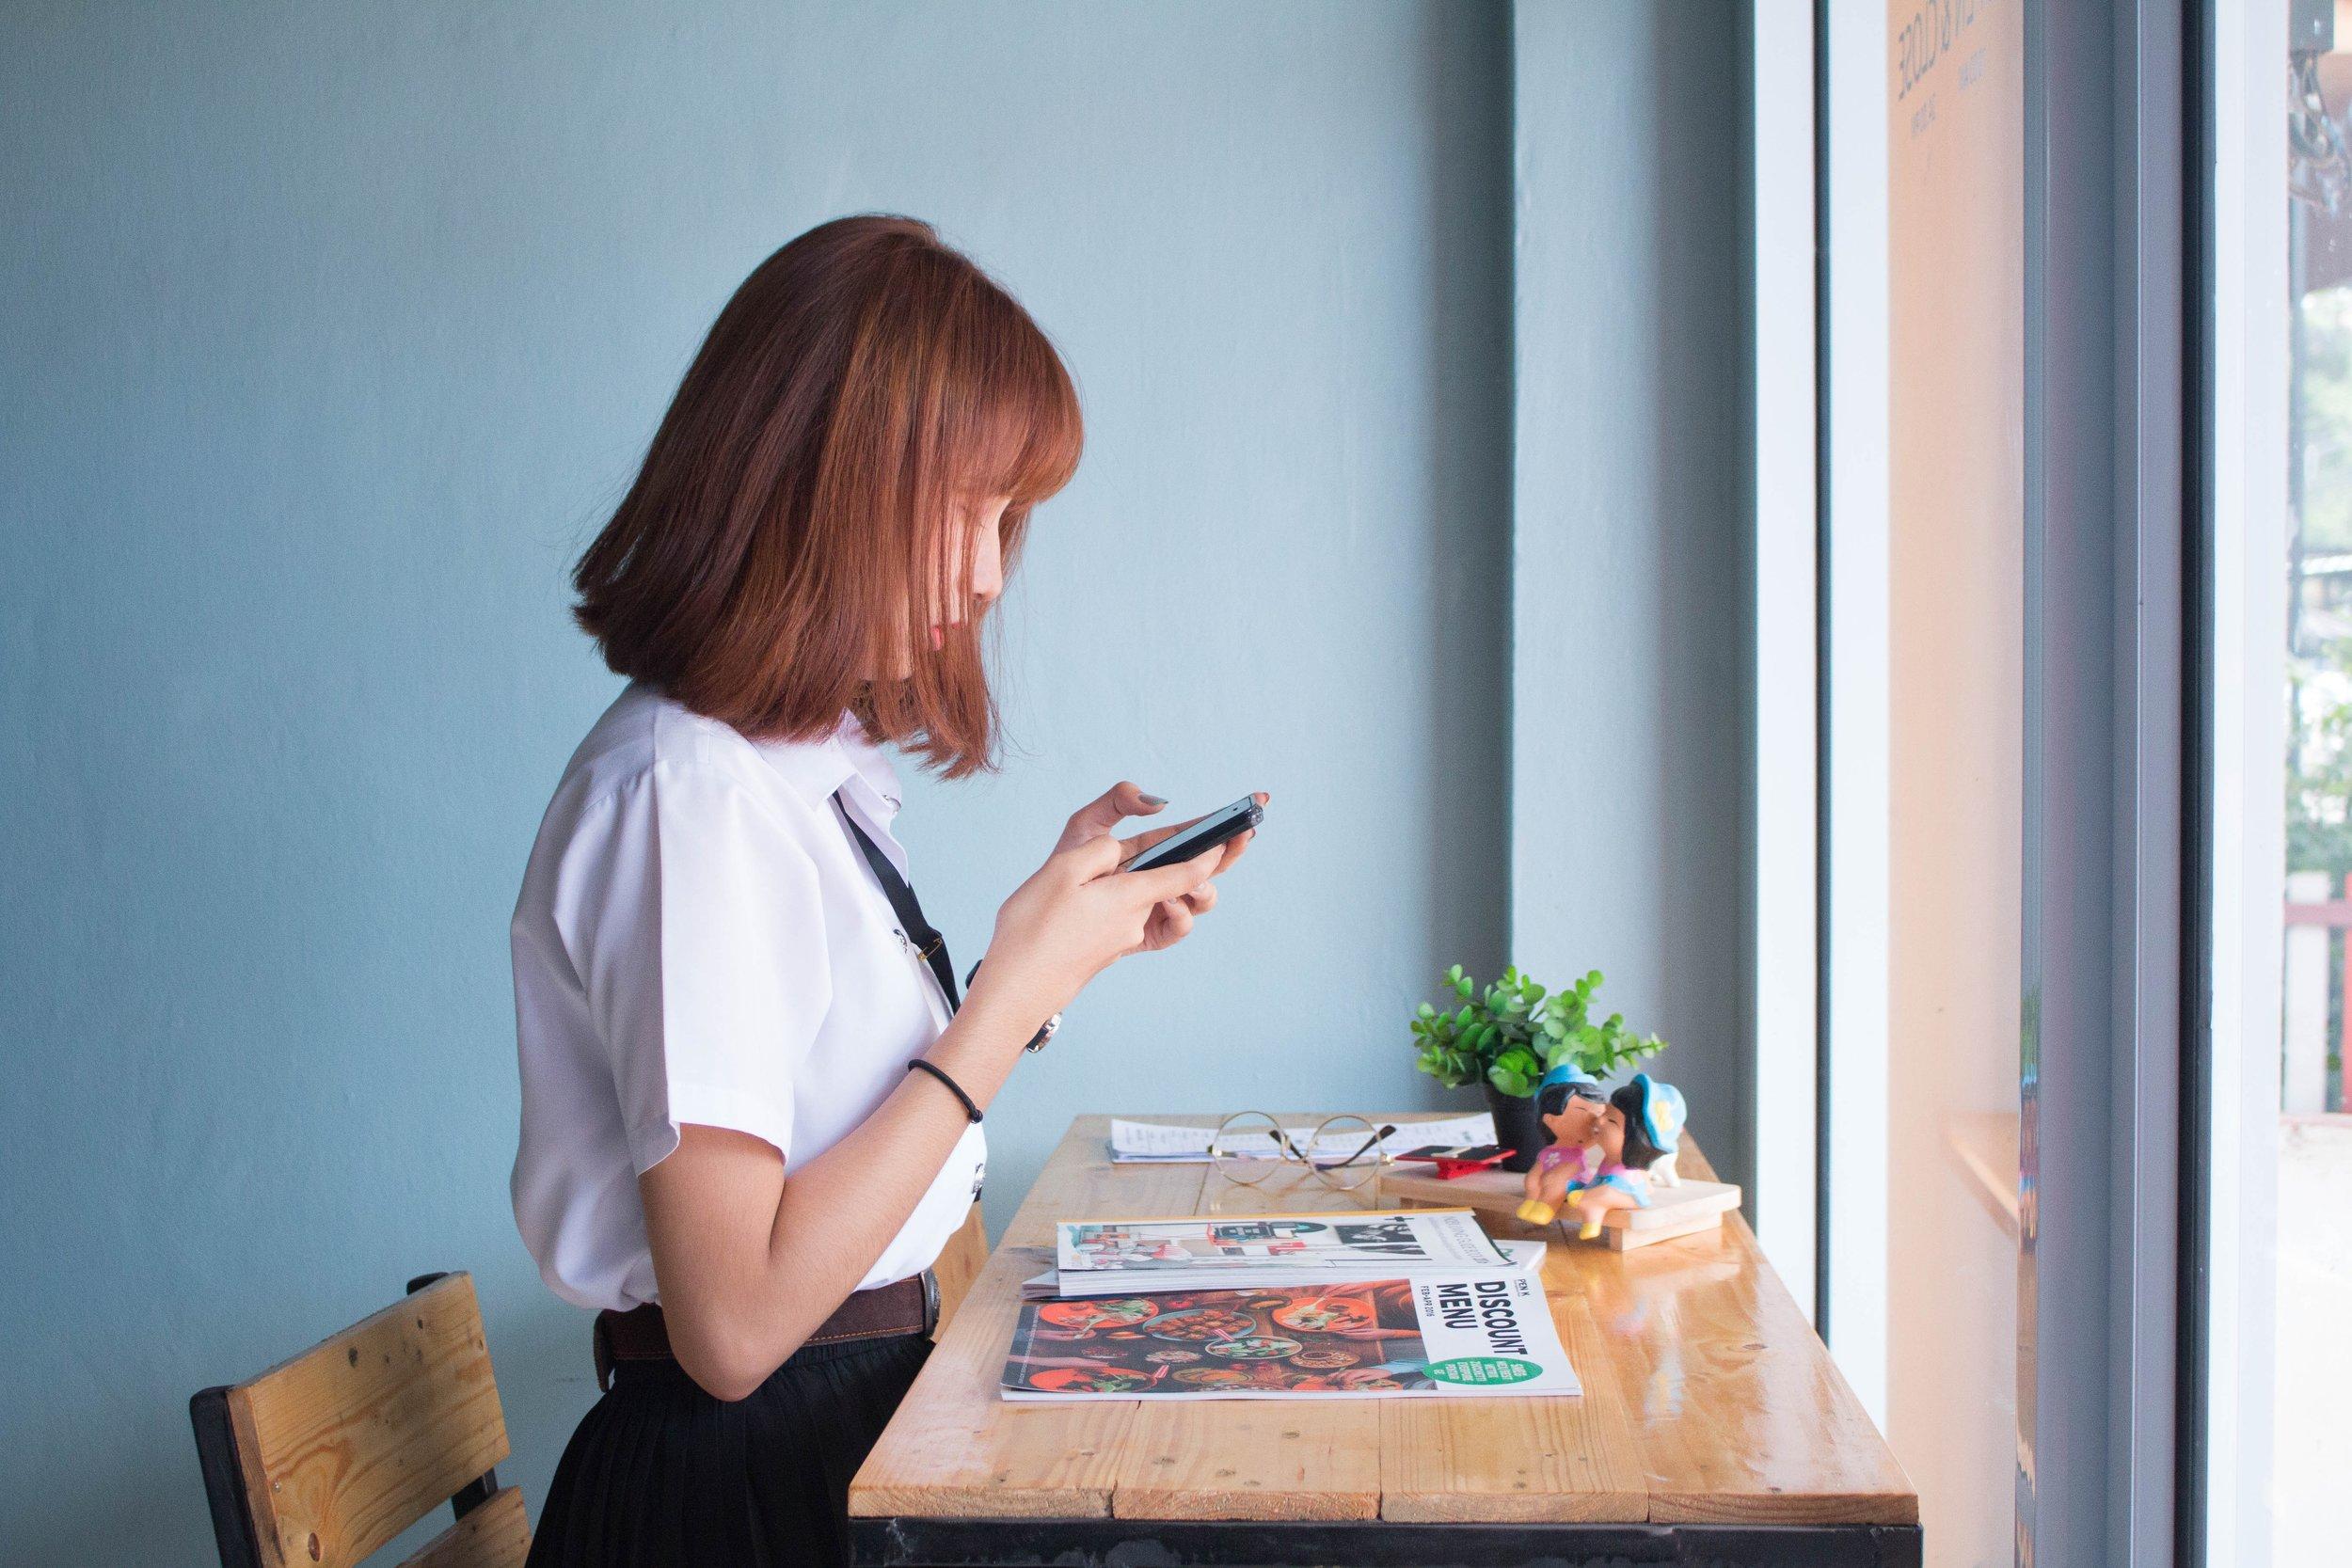 desk-girl-person-236907.jpg